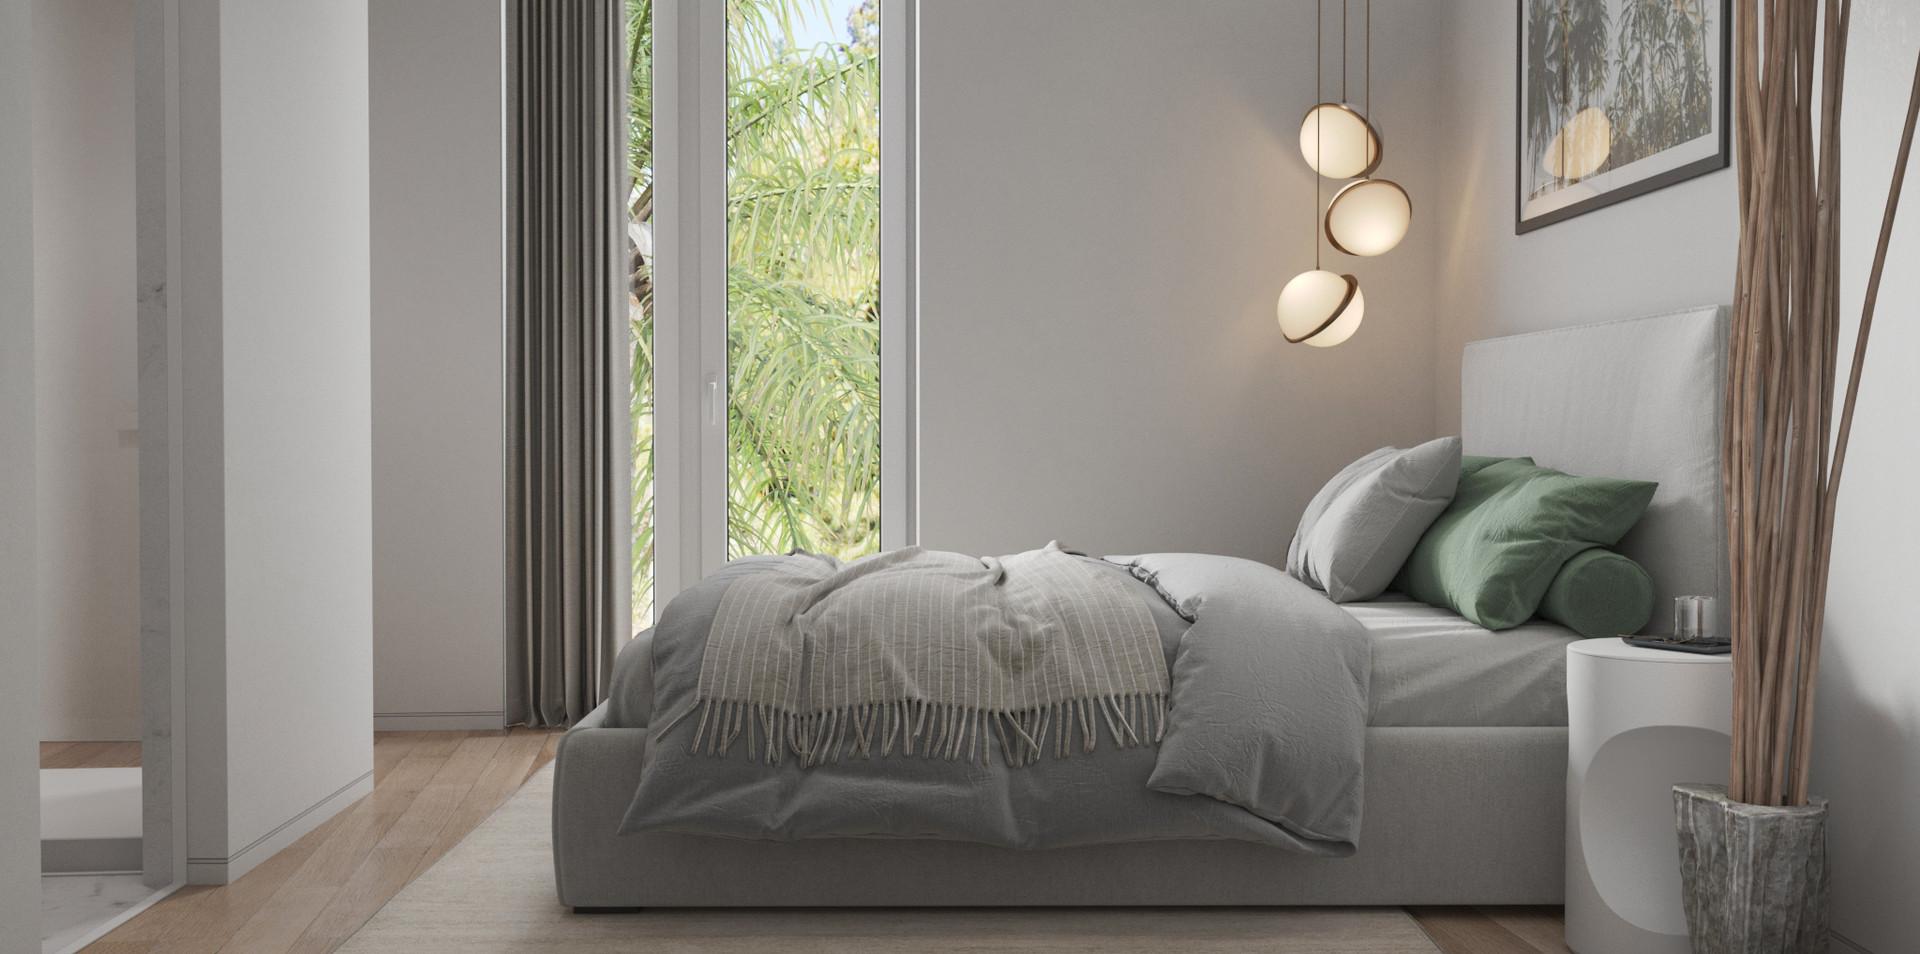 big_110_Villamoura_bedroom 2_02.jpg